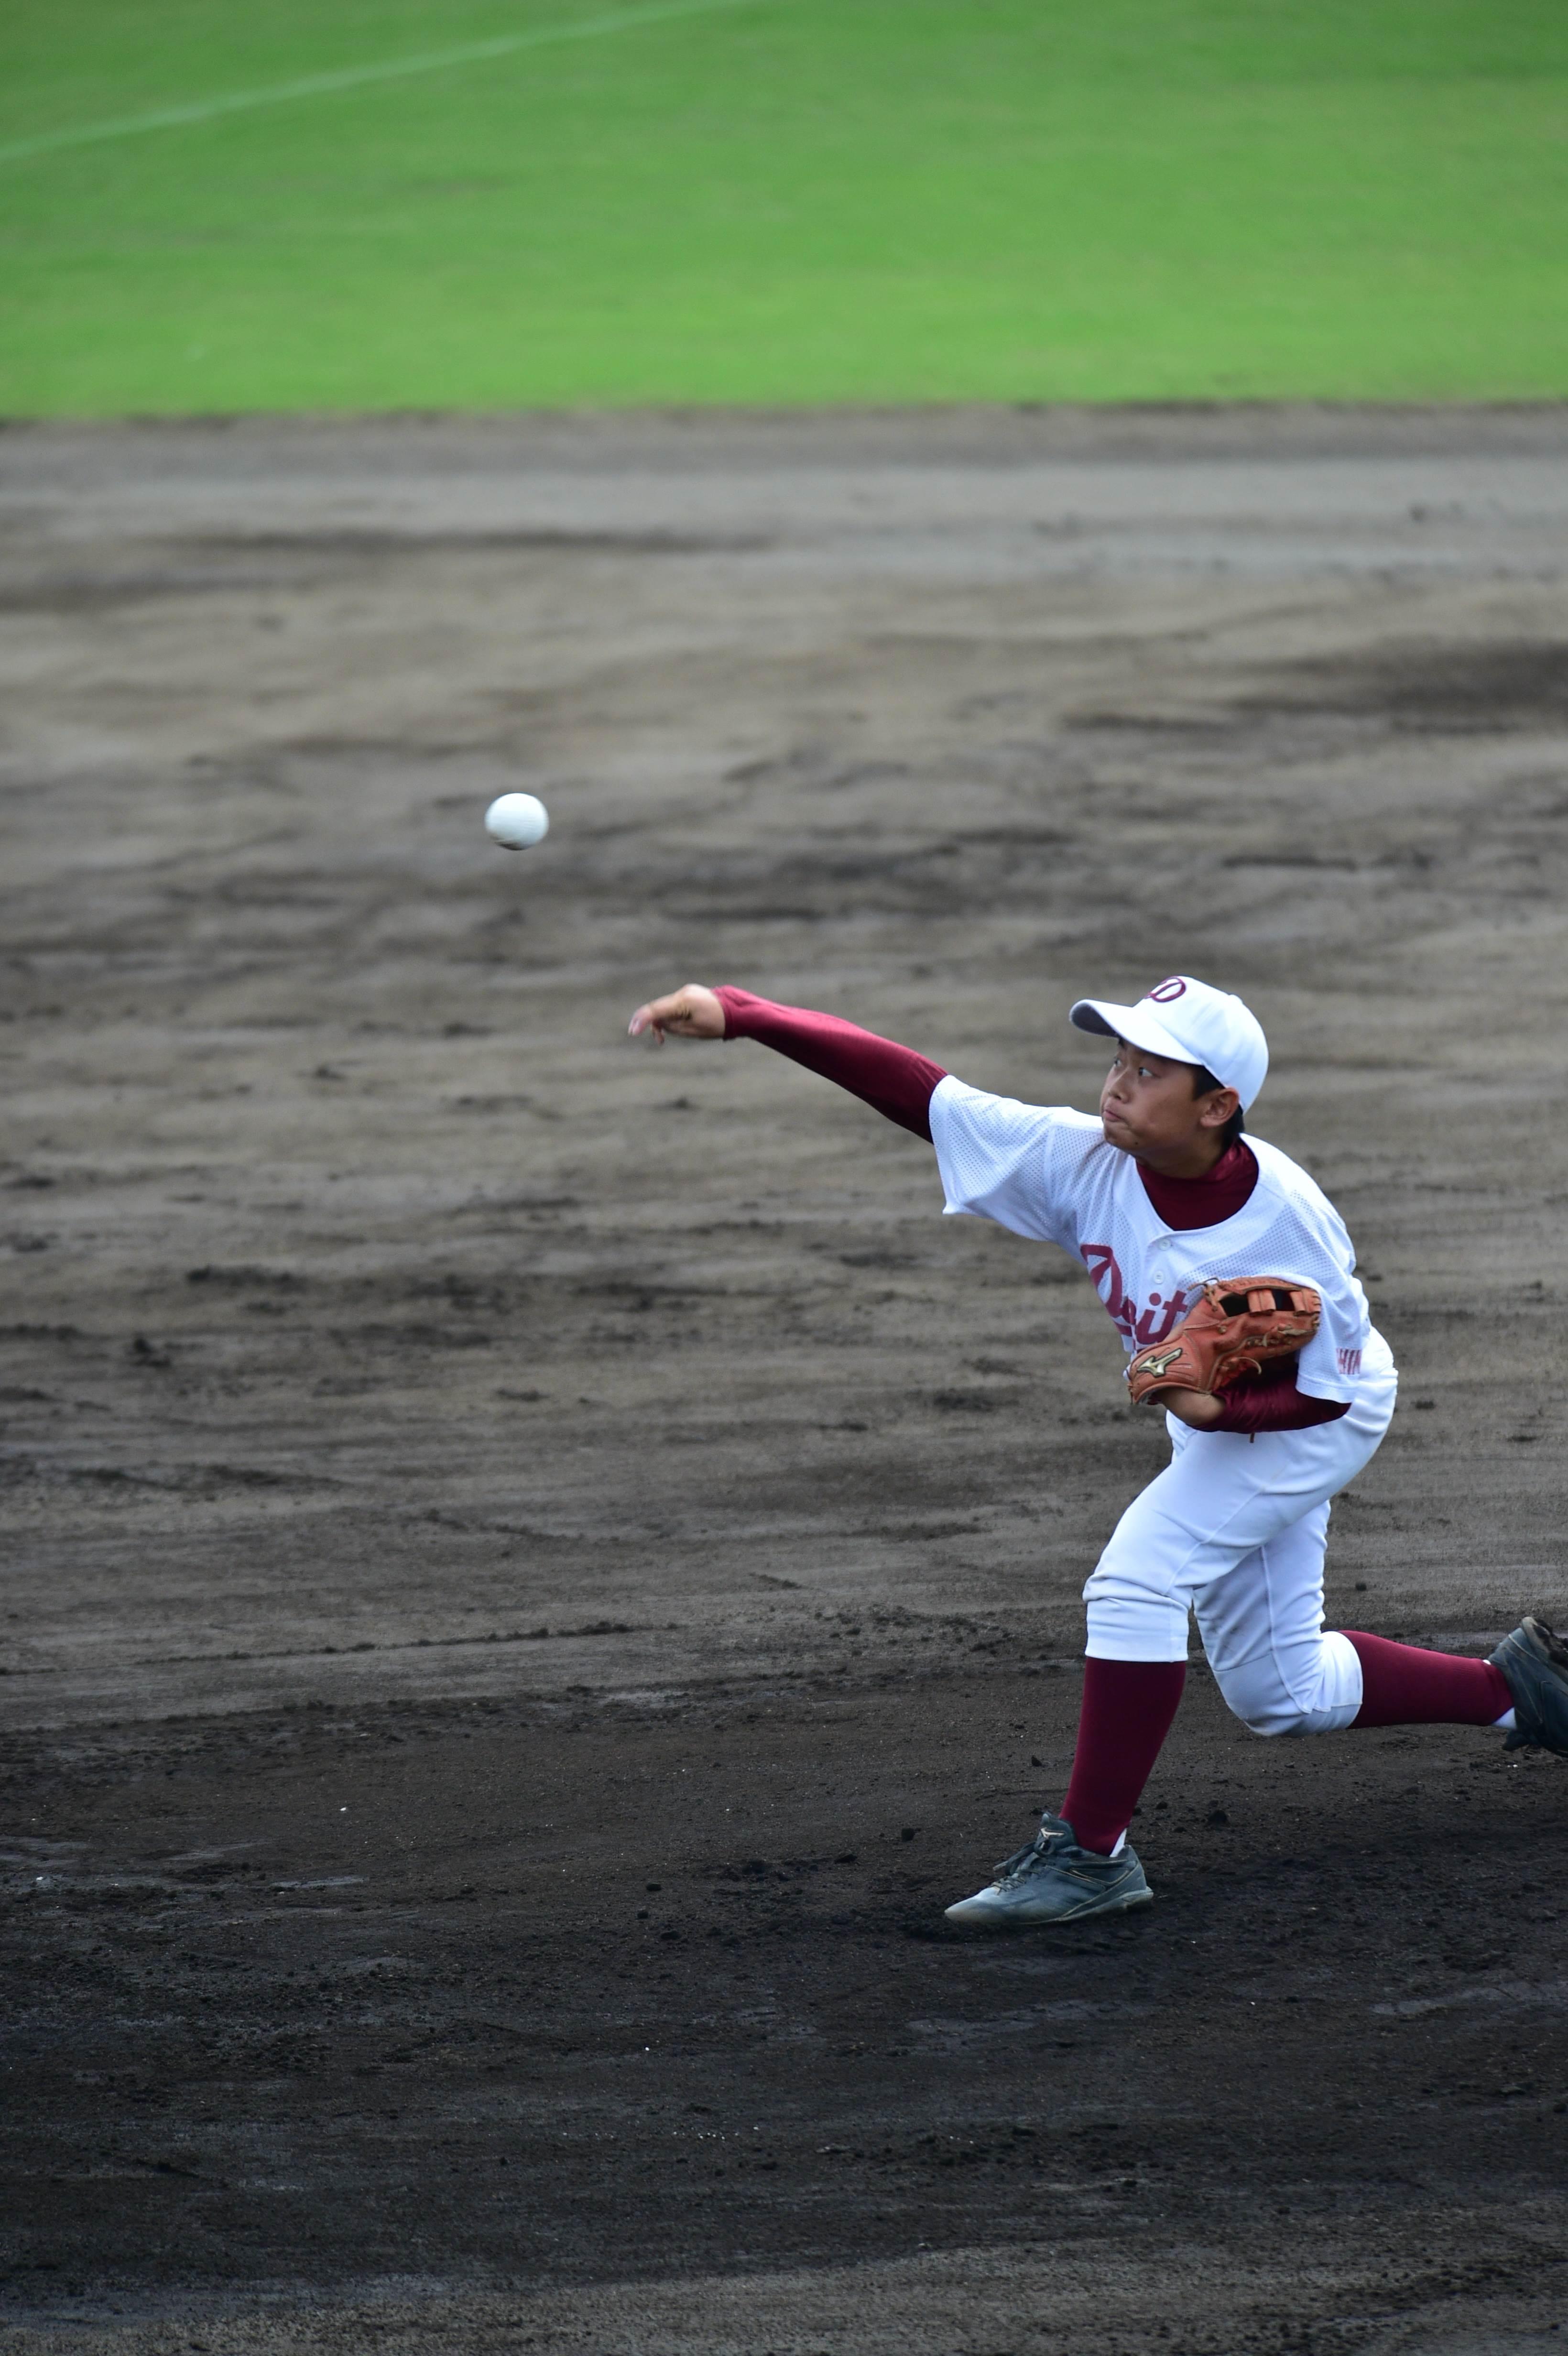 軟式野球 (21)